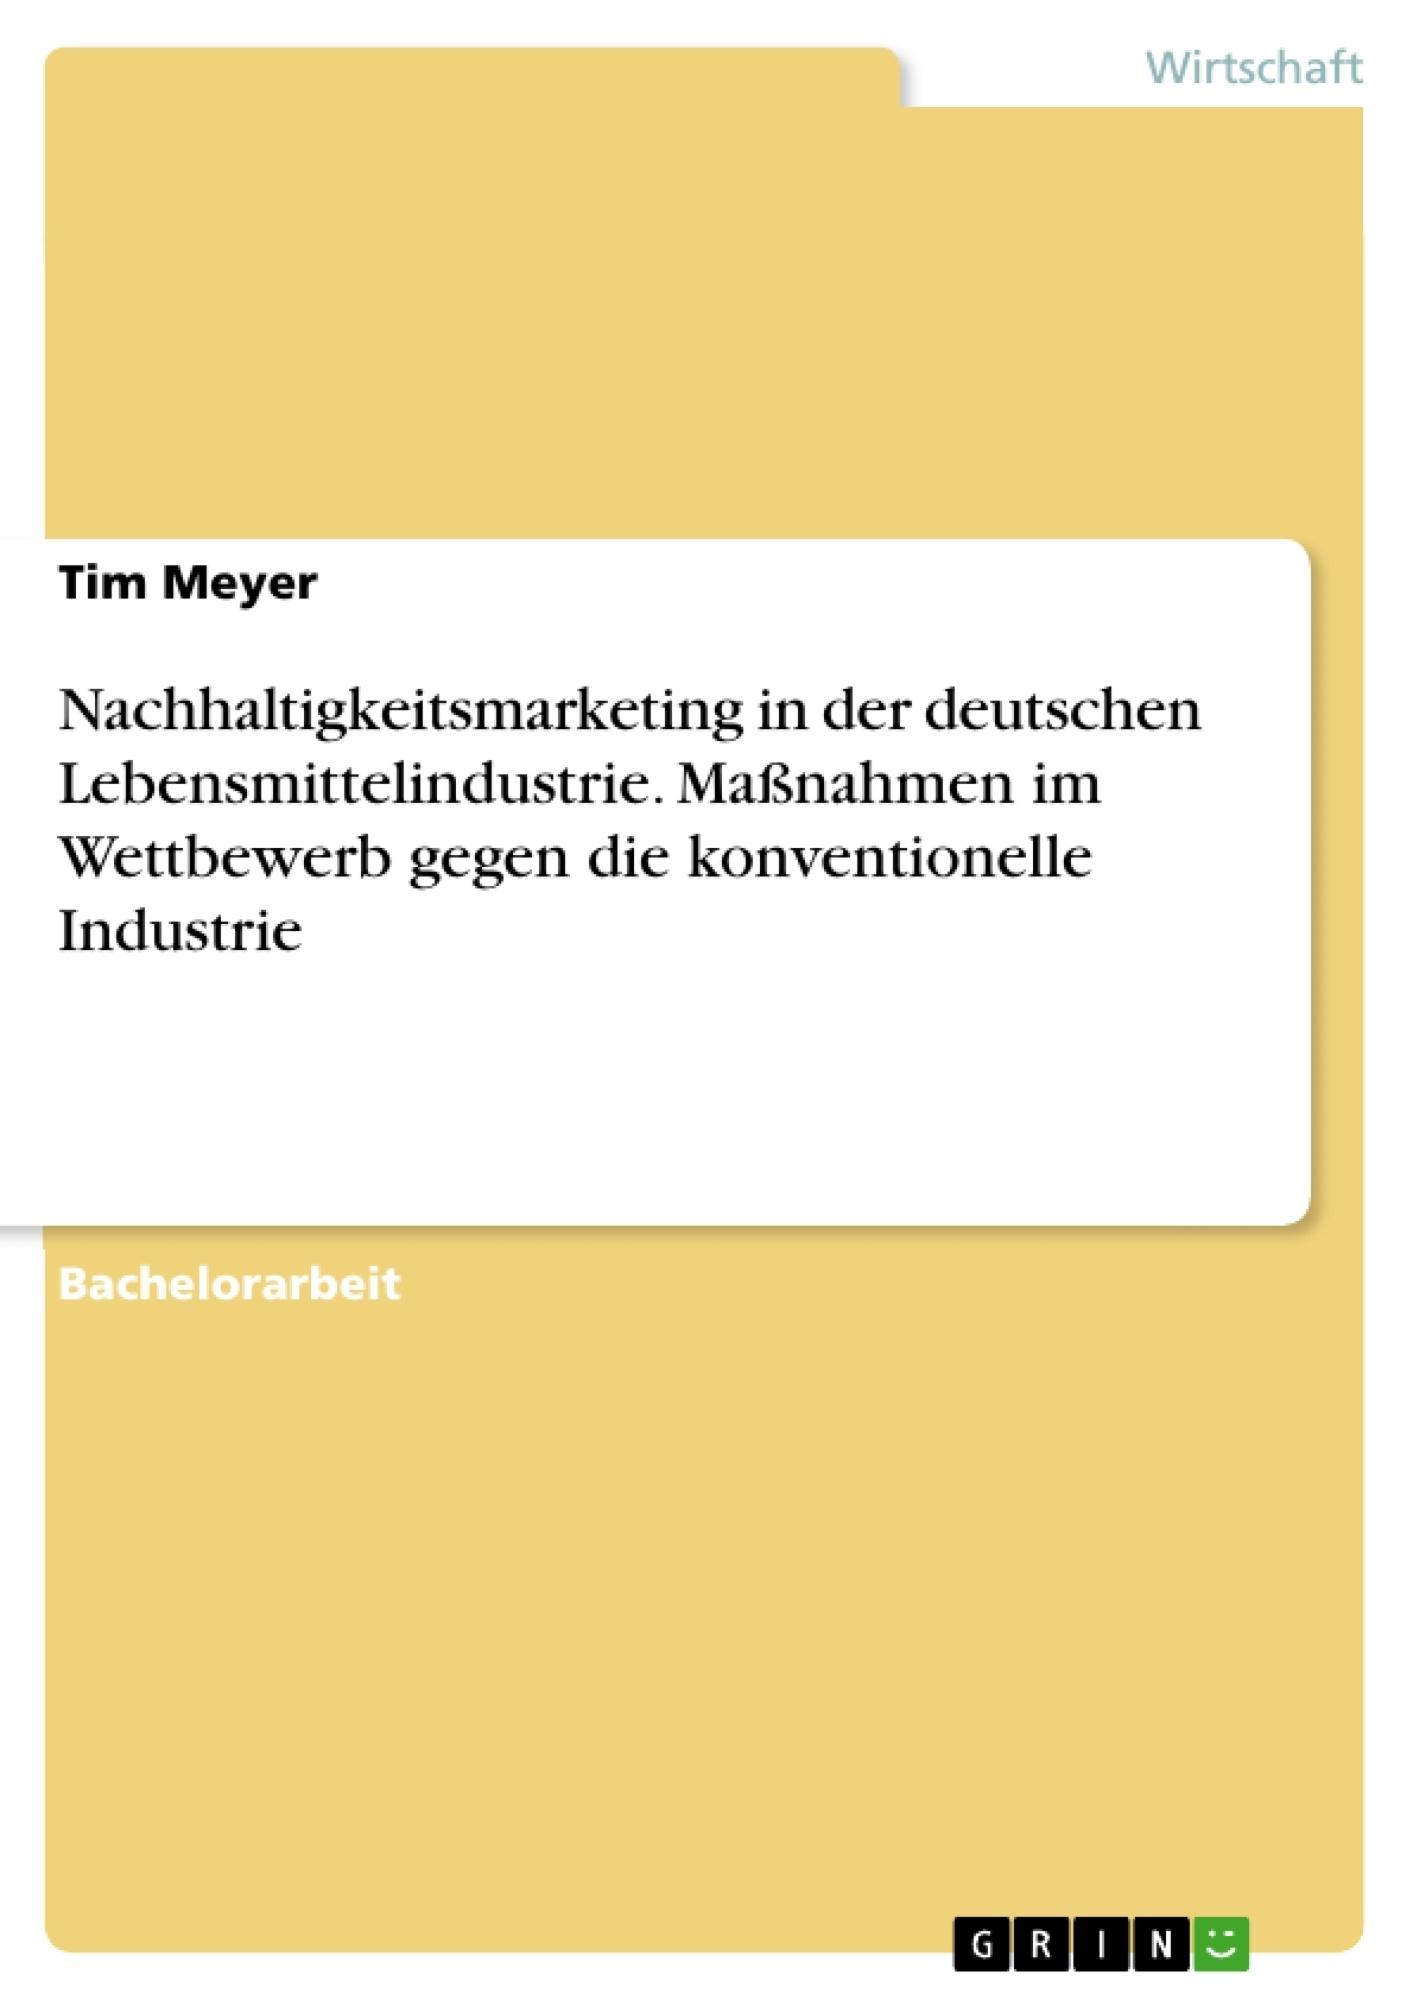 Titel: Nachhaltigkeitsmarketing in der deutschen Lebensmittelindustrie. Maßnahmen im Wettbewerb gegen die konventionelle Industrie